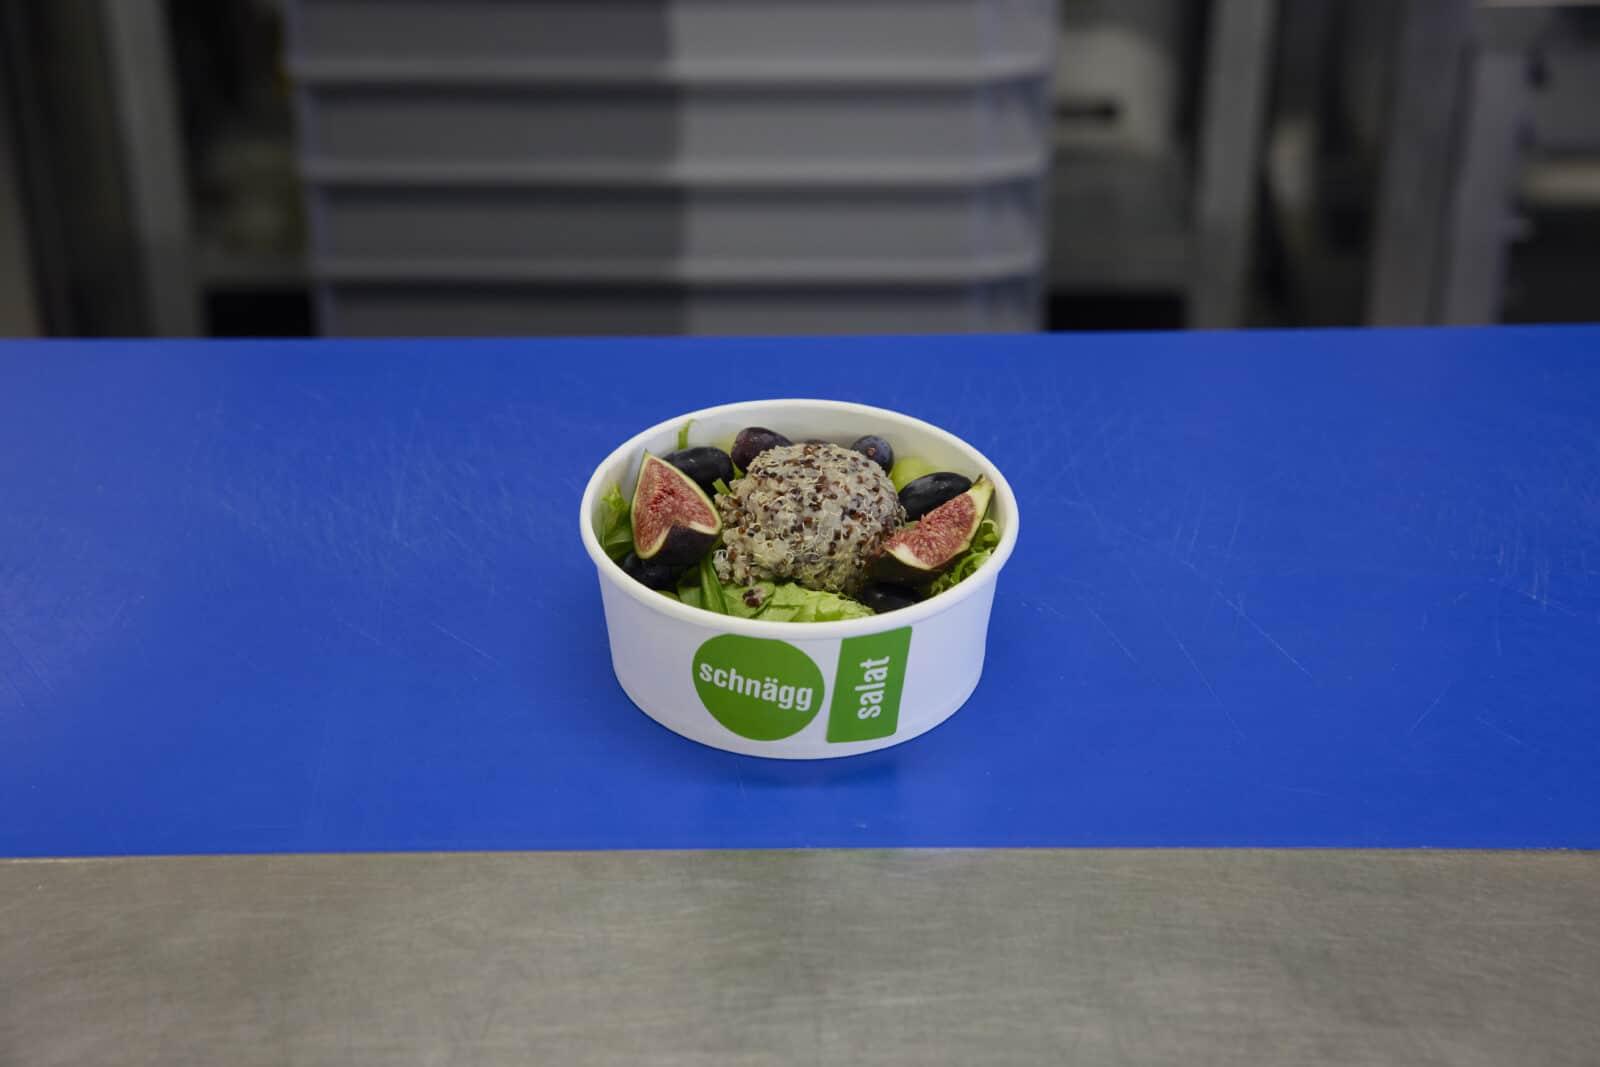 Vegane und vegetarische Produkte: Salatbowl von schnägg 1